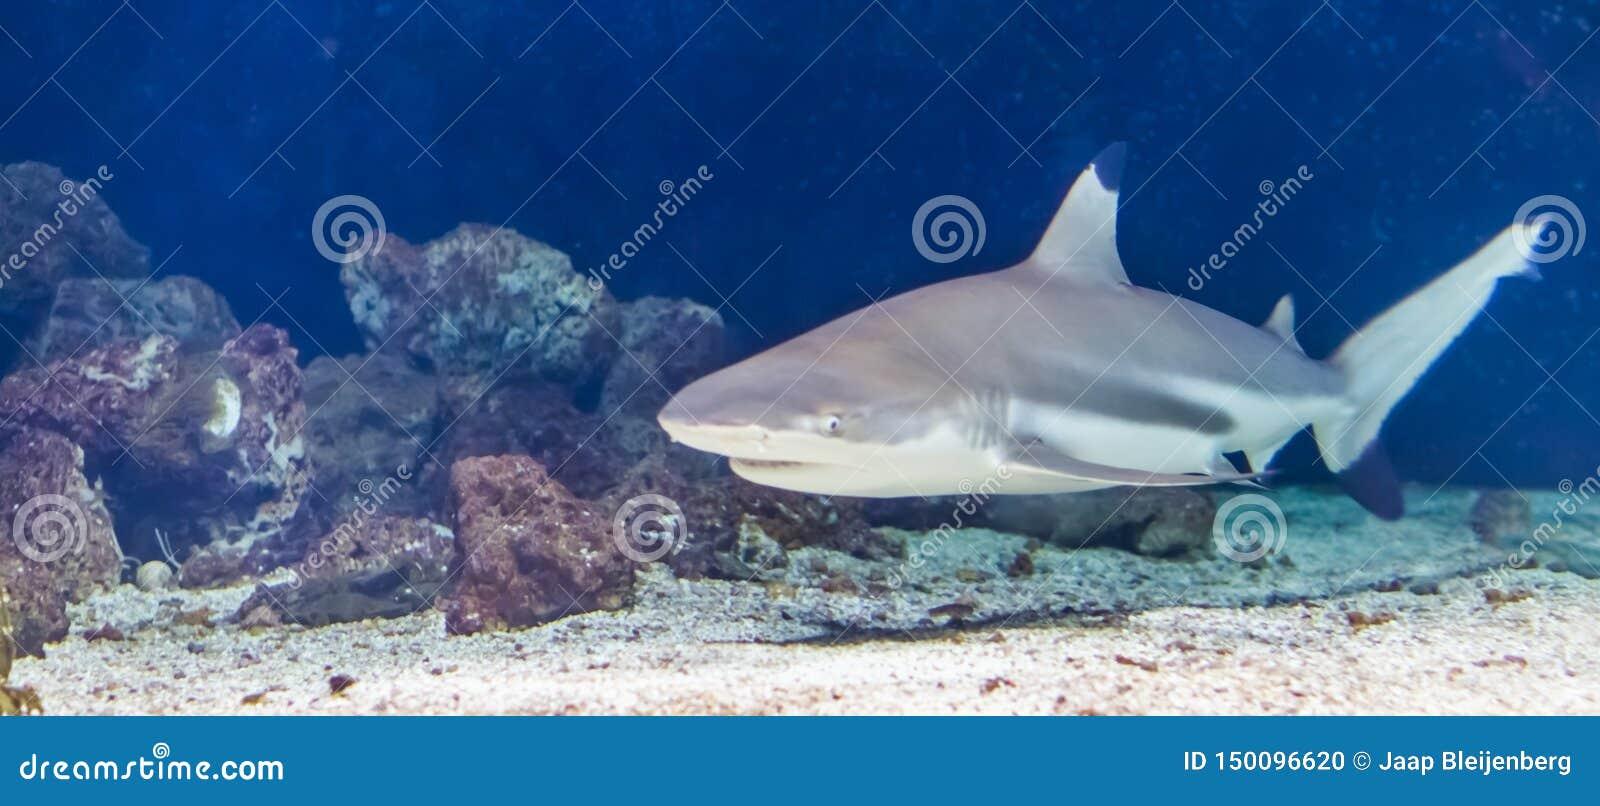 Svart simning för spetsrevhaj under vatten som är tropiskt nära hotad fiskspecie från indiern och Stilla havet